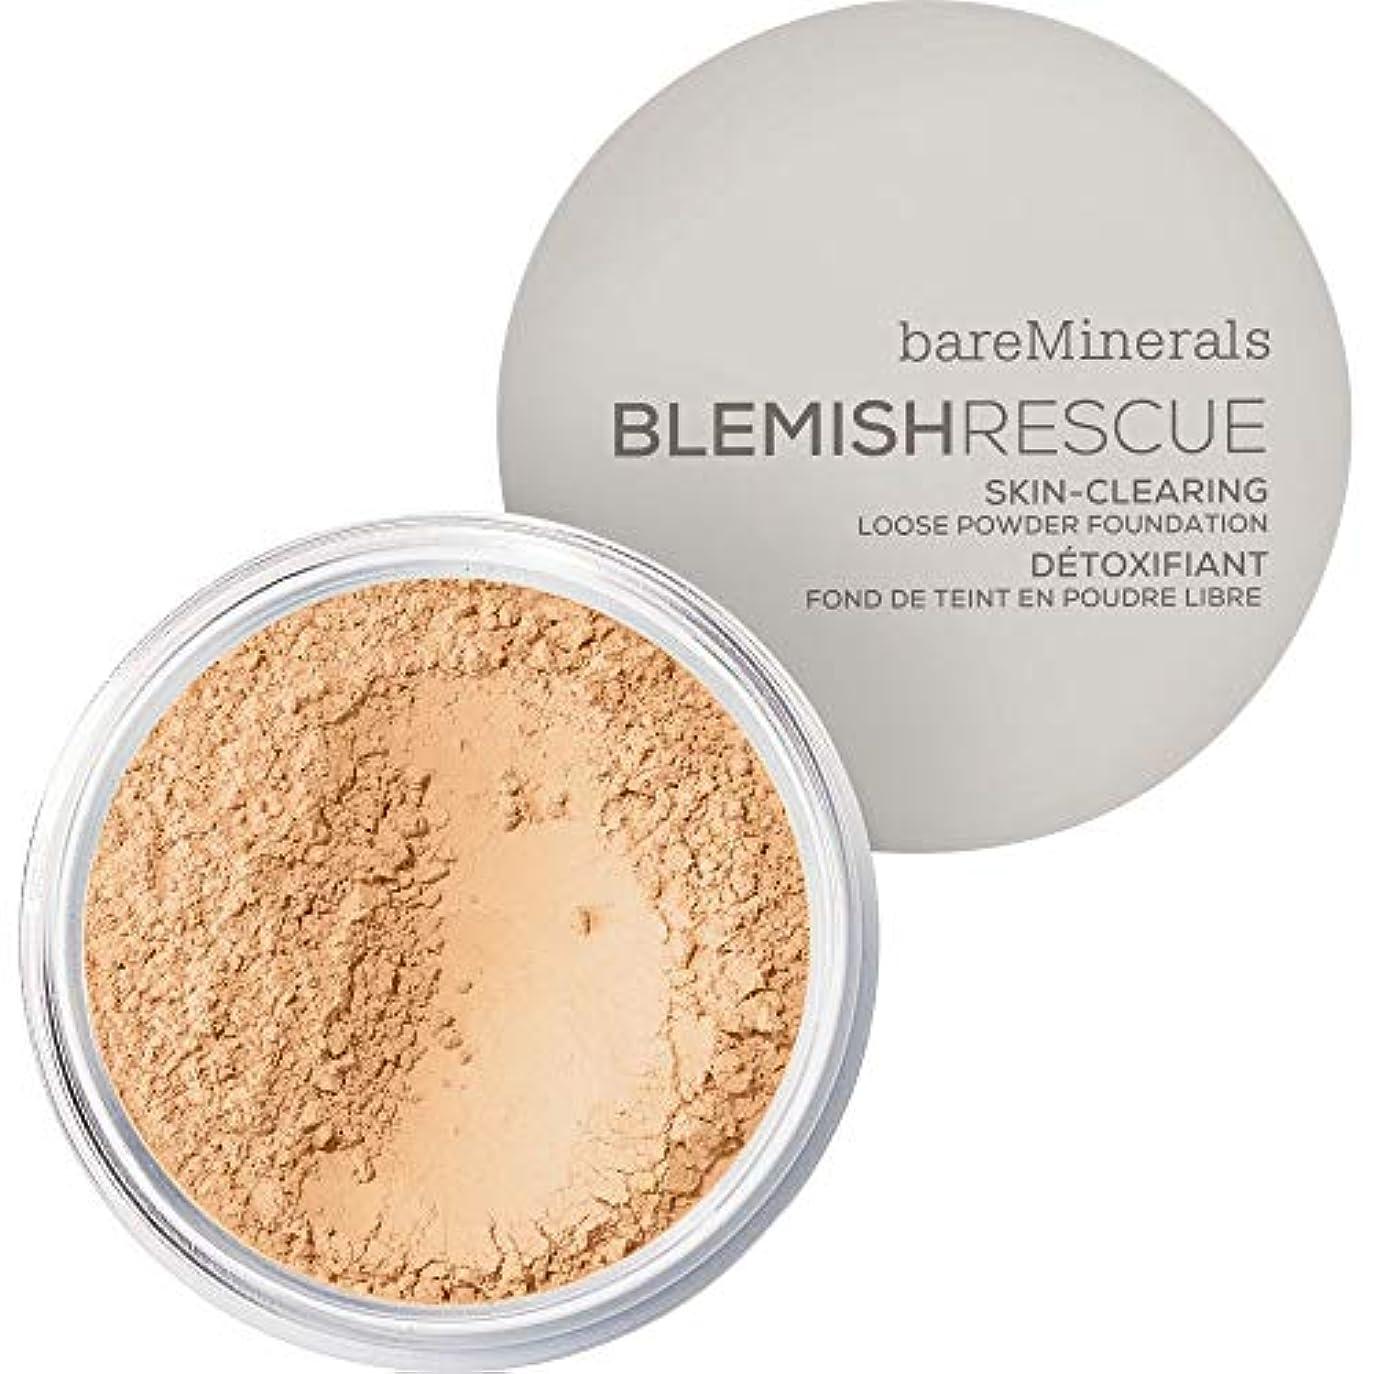 彫る農奴知らせる[bareMinerals ] 光 - ベアミネラルは、レスキュースキンクリア2ワットを6G緩いパウダーファンデーションを傷 - bareMinerals Blemish Rescue Skin-Clearing Loose Powder Foundation 6g 2W - Light [並行輸入品]